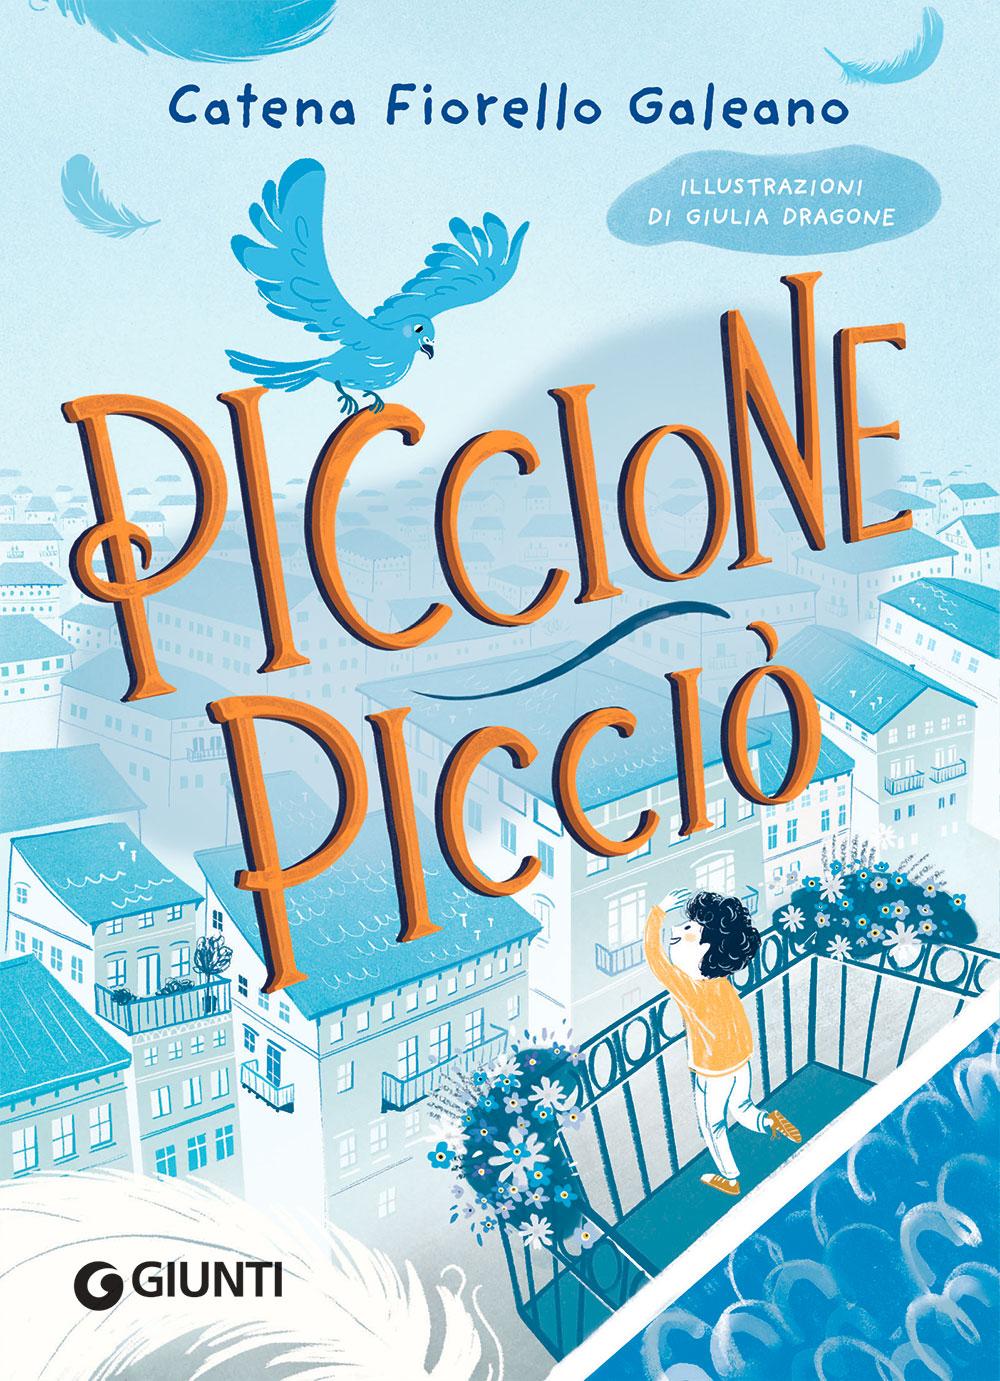 Catena Fiorello Galeano - Piccione Picciò